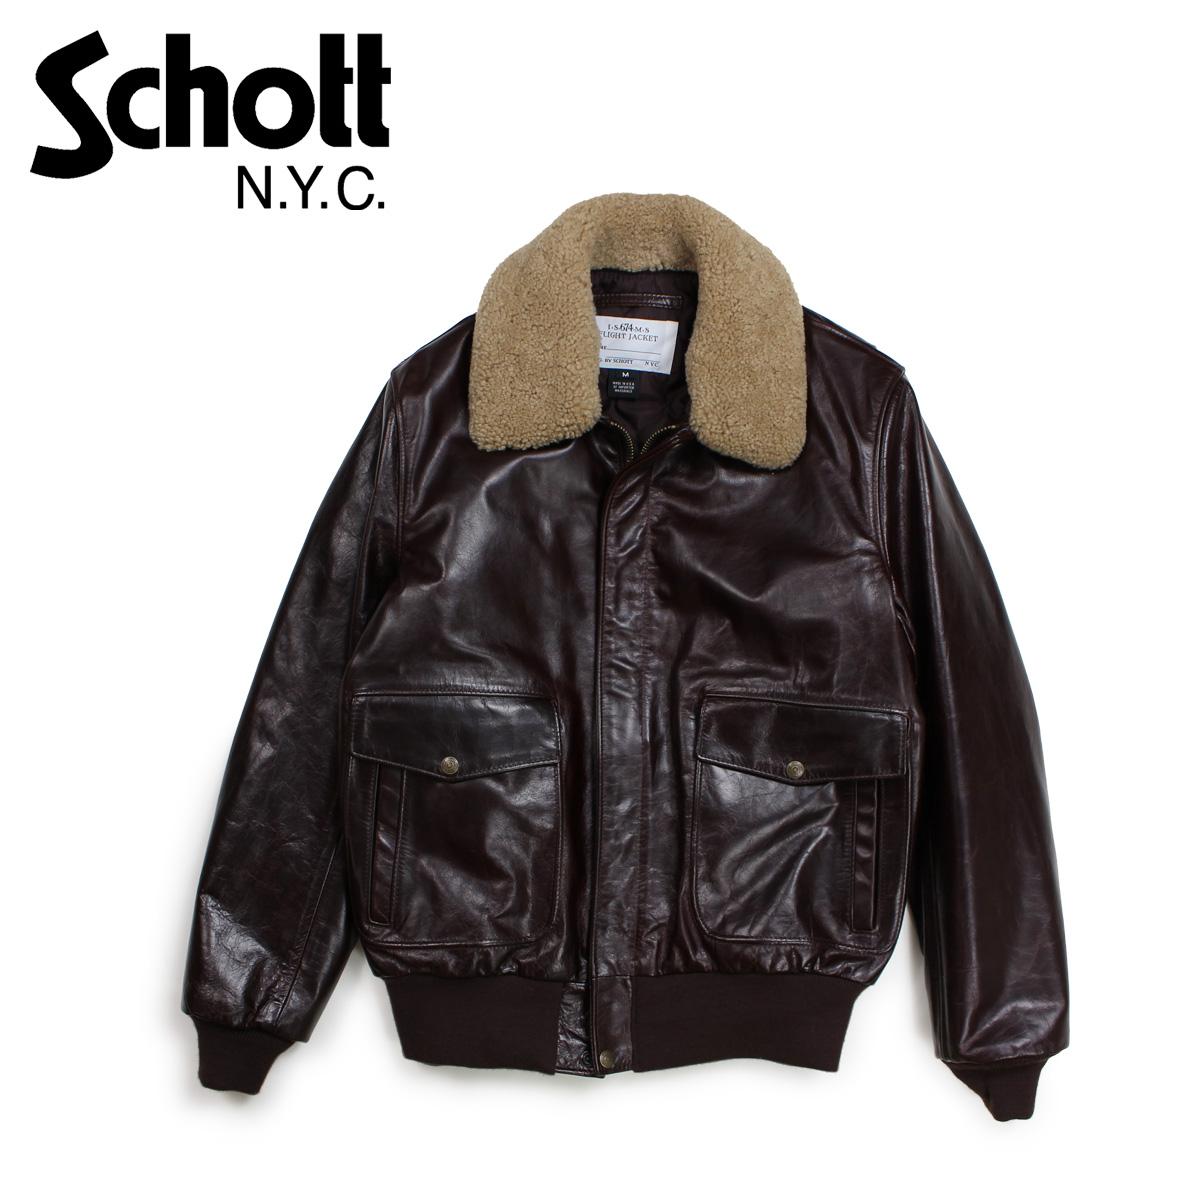 【最大2000円OFFクーポン】 ショット Schott ジャケット ボンバージャケット メンズ MEN COWHIDE BOMBER JACKET ブラウン 534